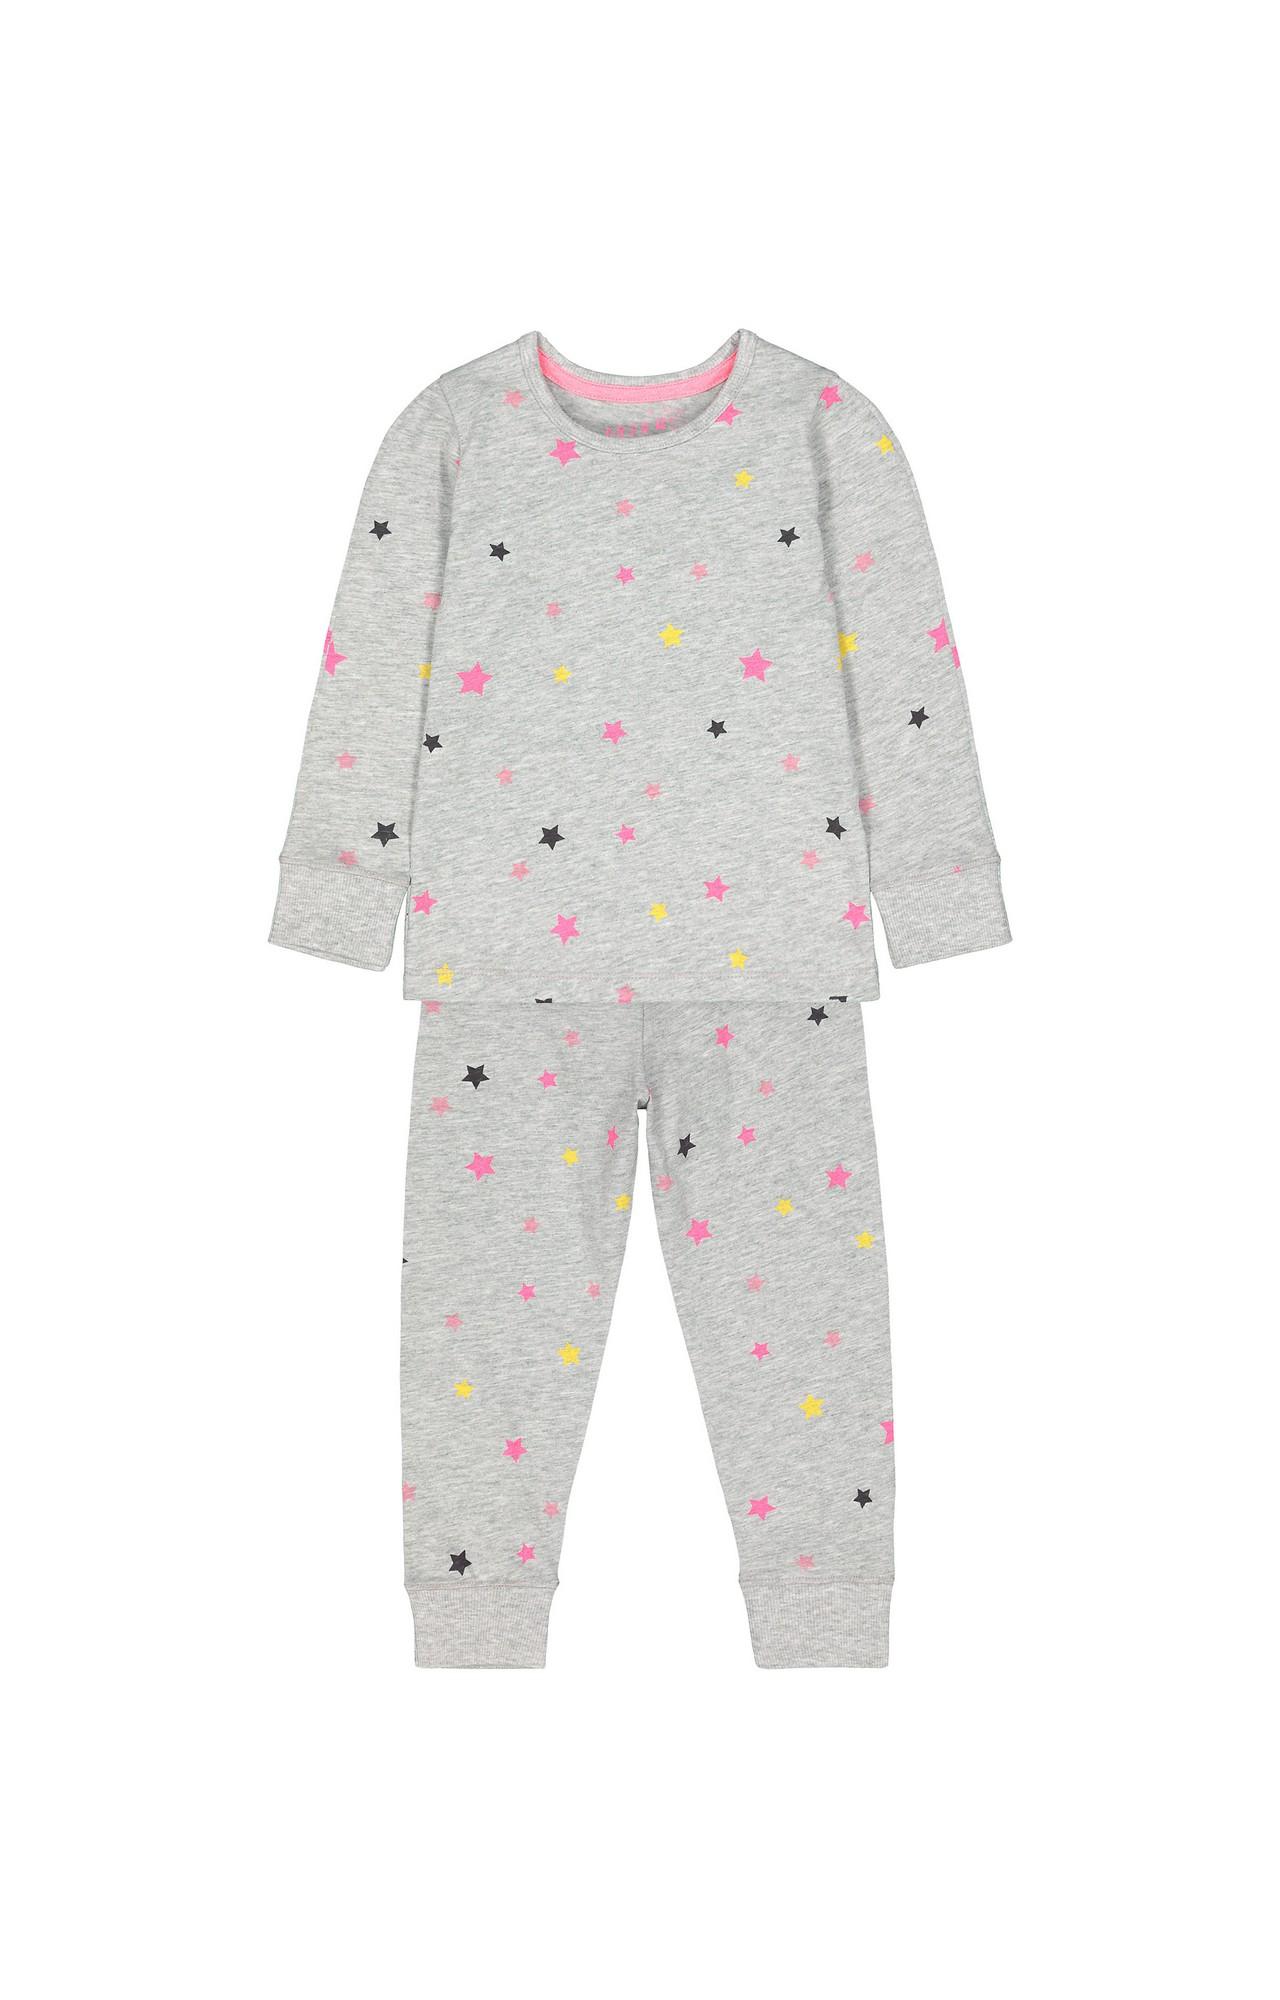 Mothercare | Grey Printed Pyjamas